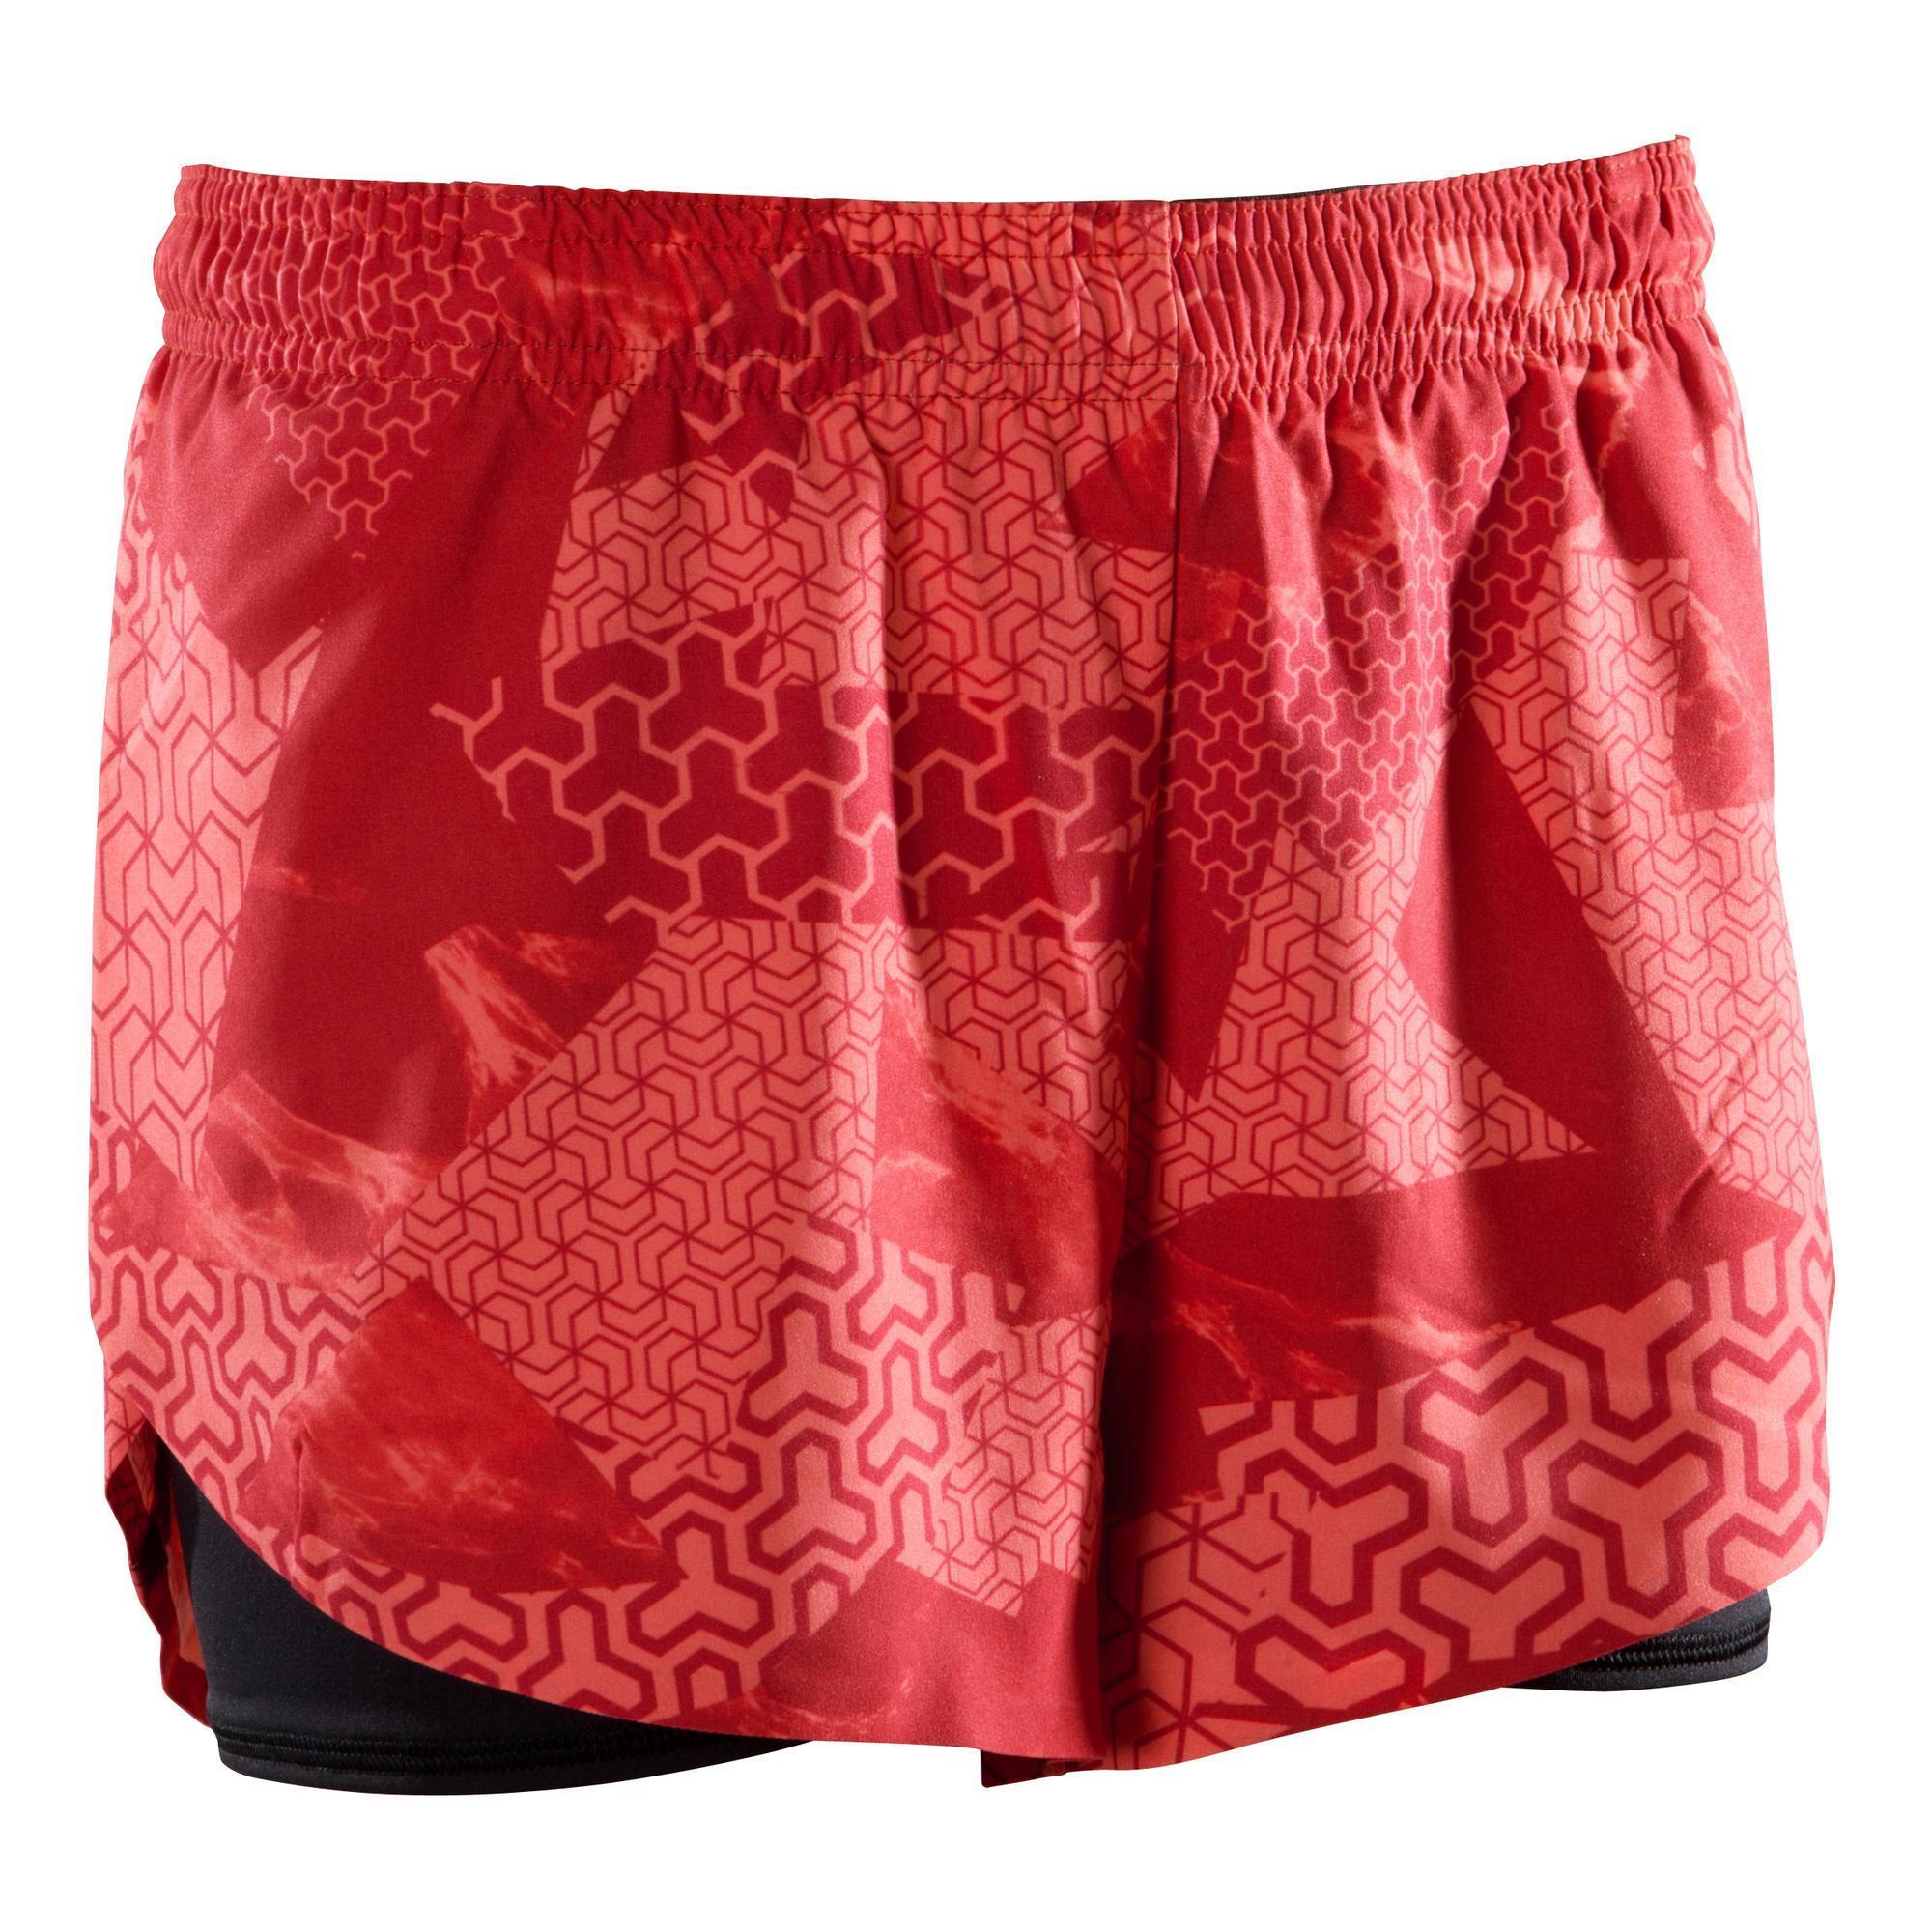 Domyos Sportbroekje crosstraining 500 voor dames, rood kopen? Leest dit eerst: Fitness kleding Fitness short met korting